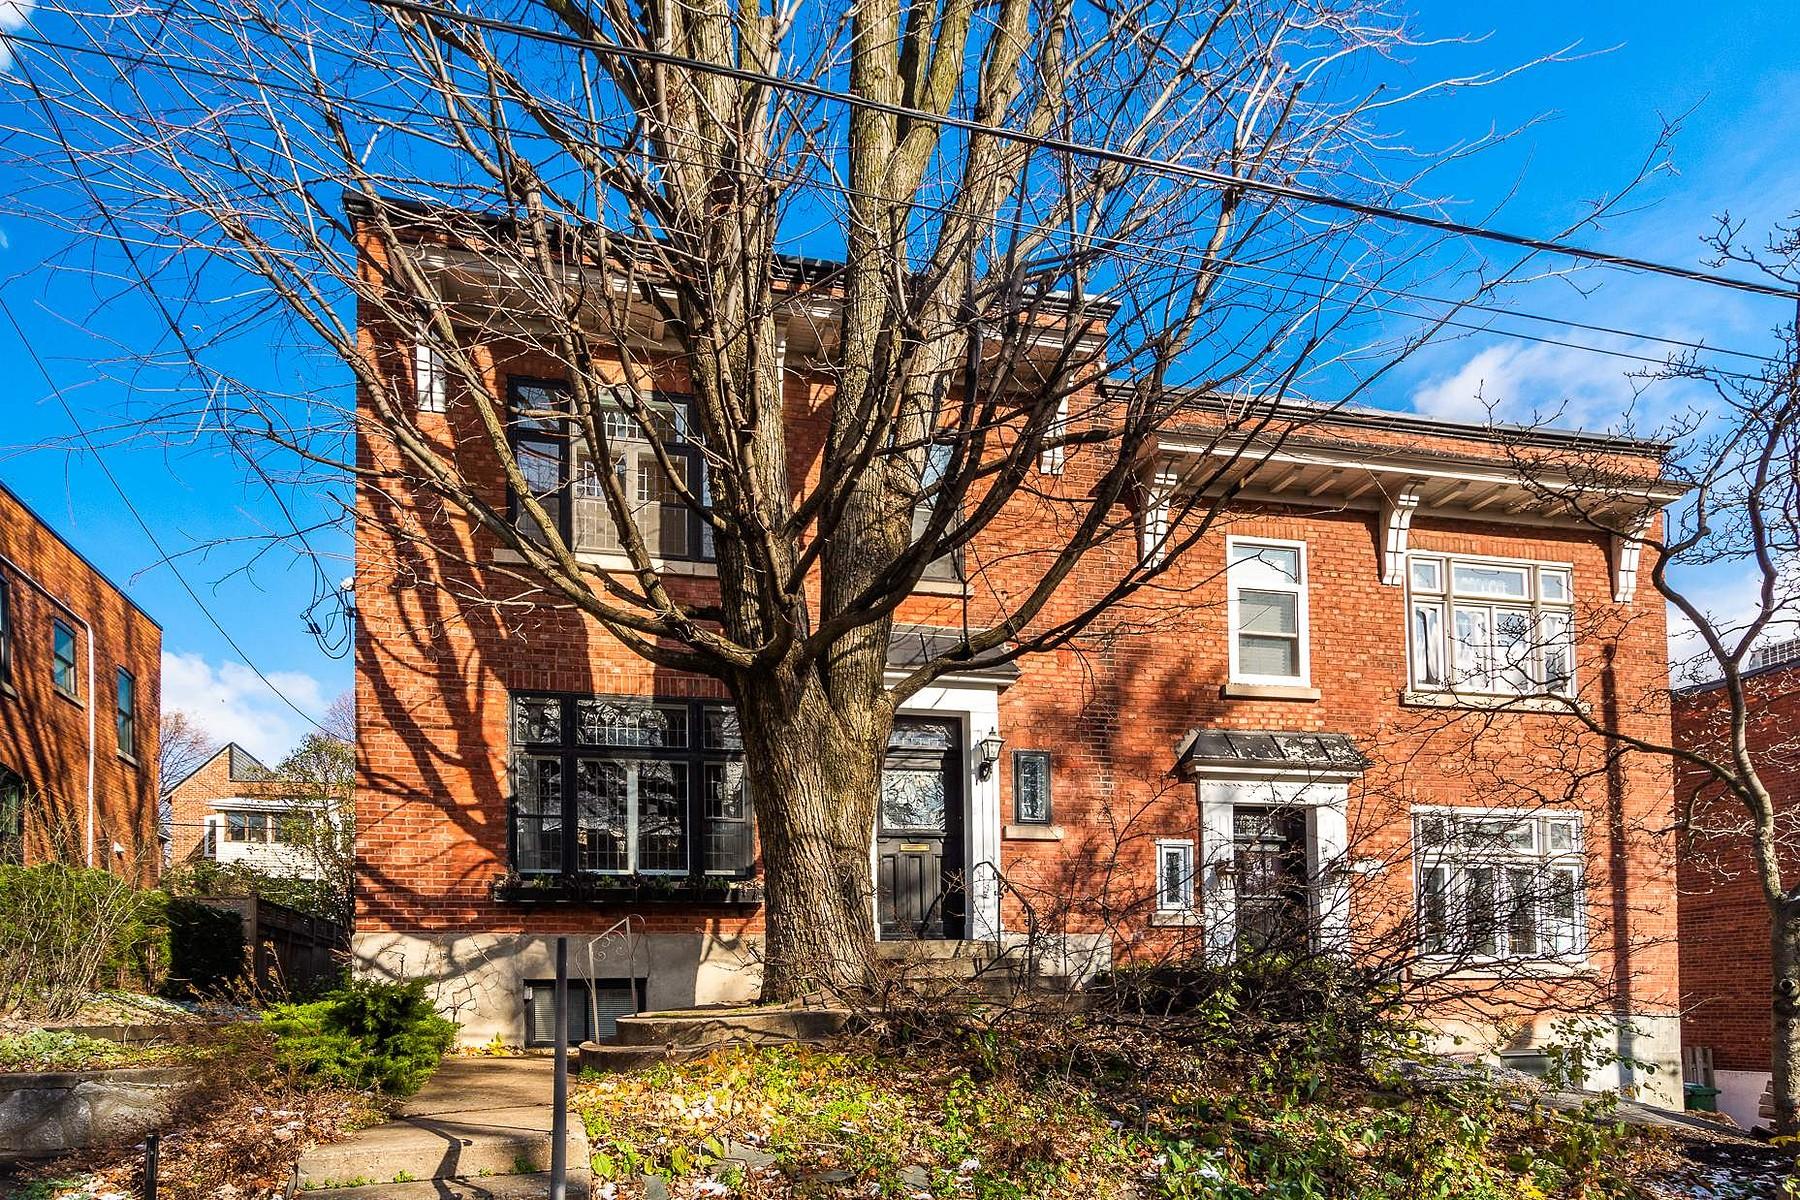 Single Family Homes for Sale at Côte-des-Neiges / Notre-Dame-de-Grâce, Montréal 3565 Av. Northcliffe Cote Des Neiges Notre Dame De Grace, Quebec H4A3K8 Canada